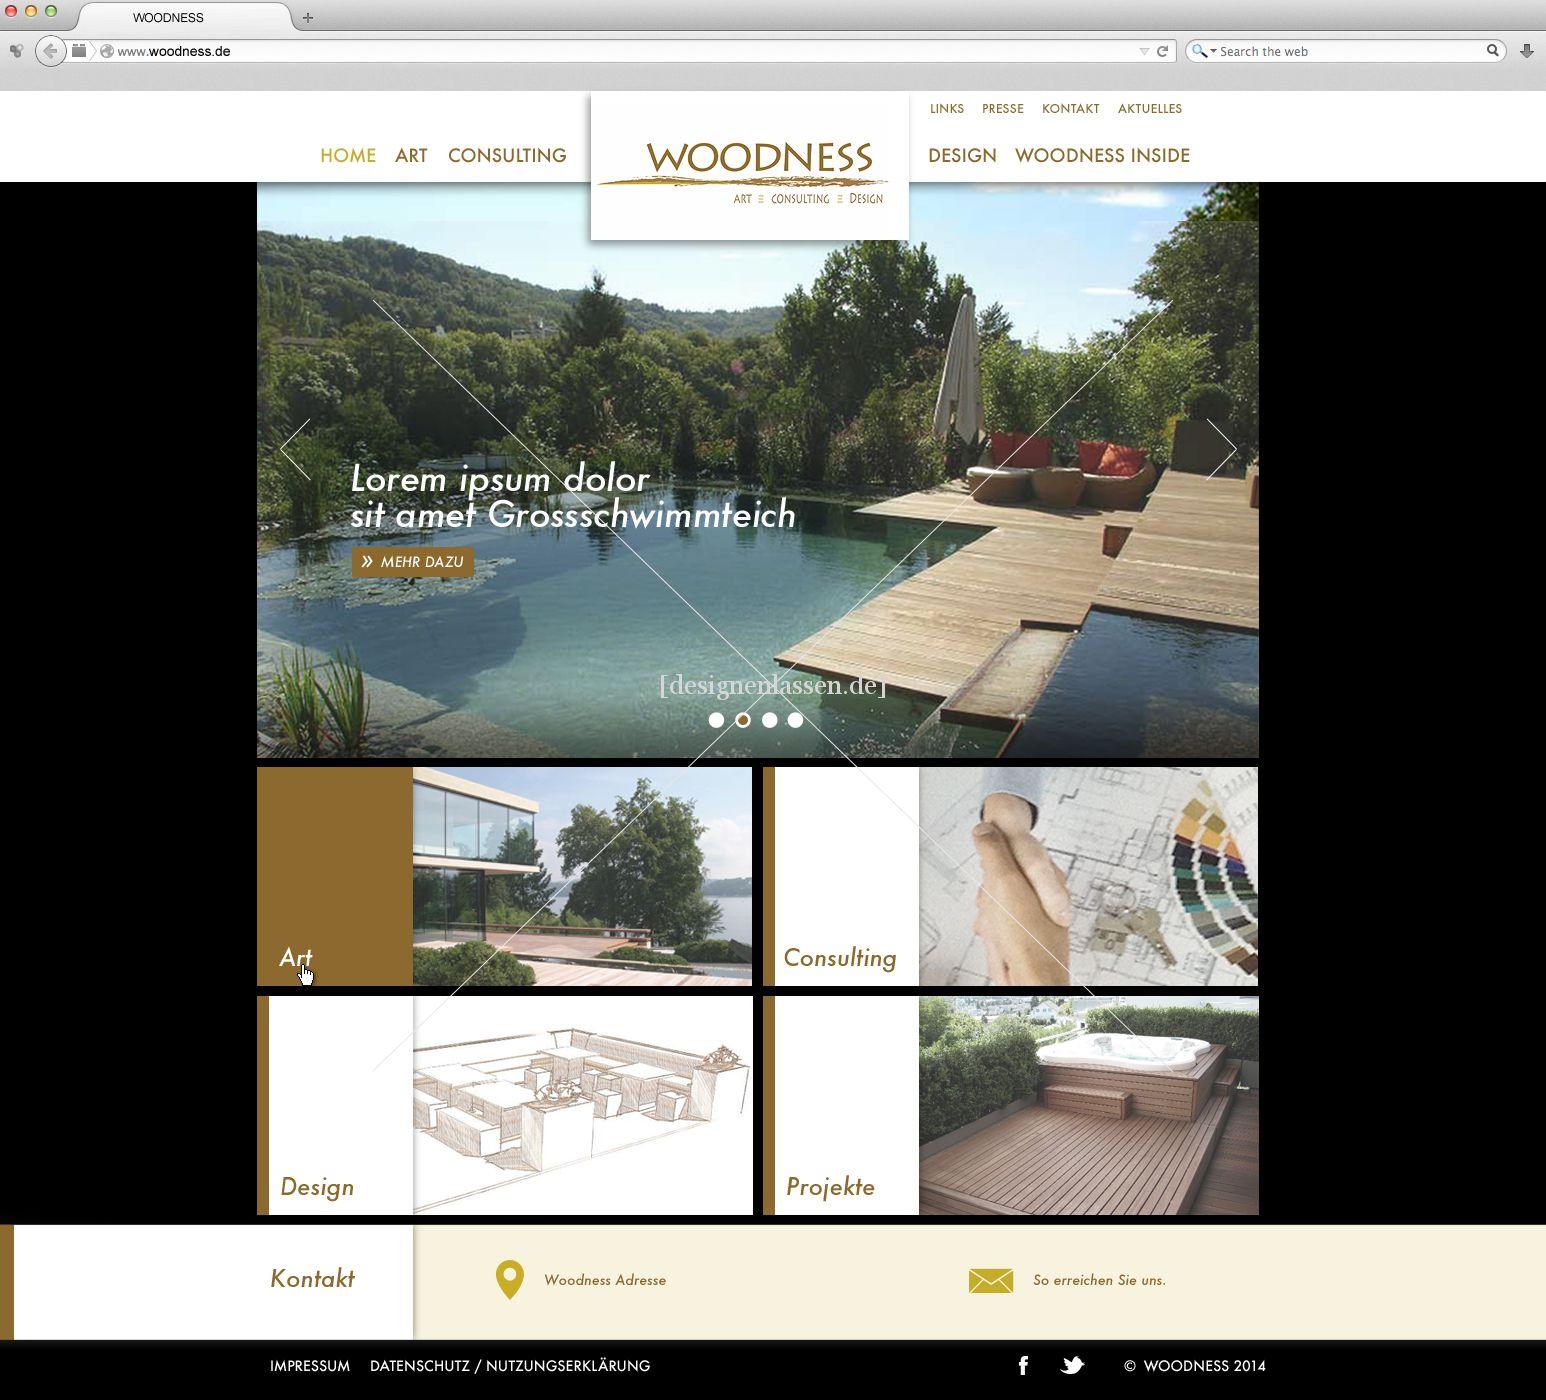 design #23 of designmaexle